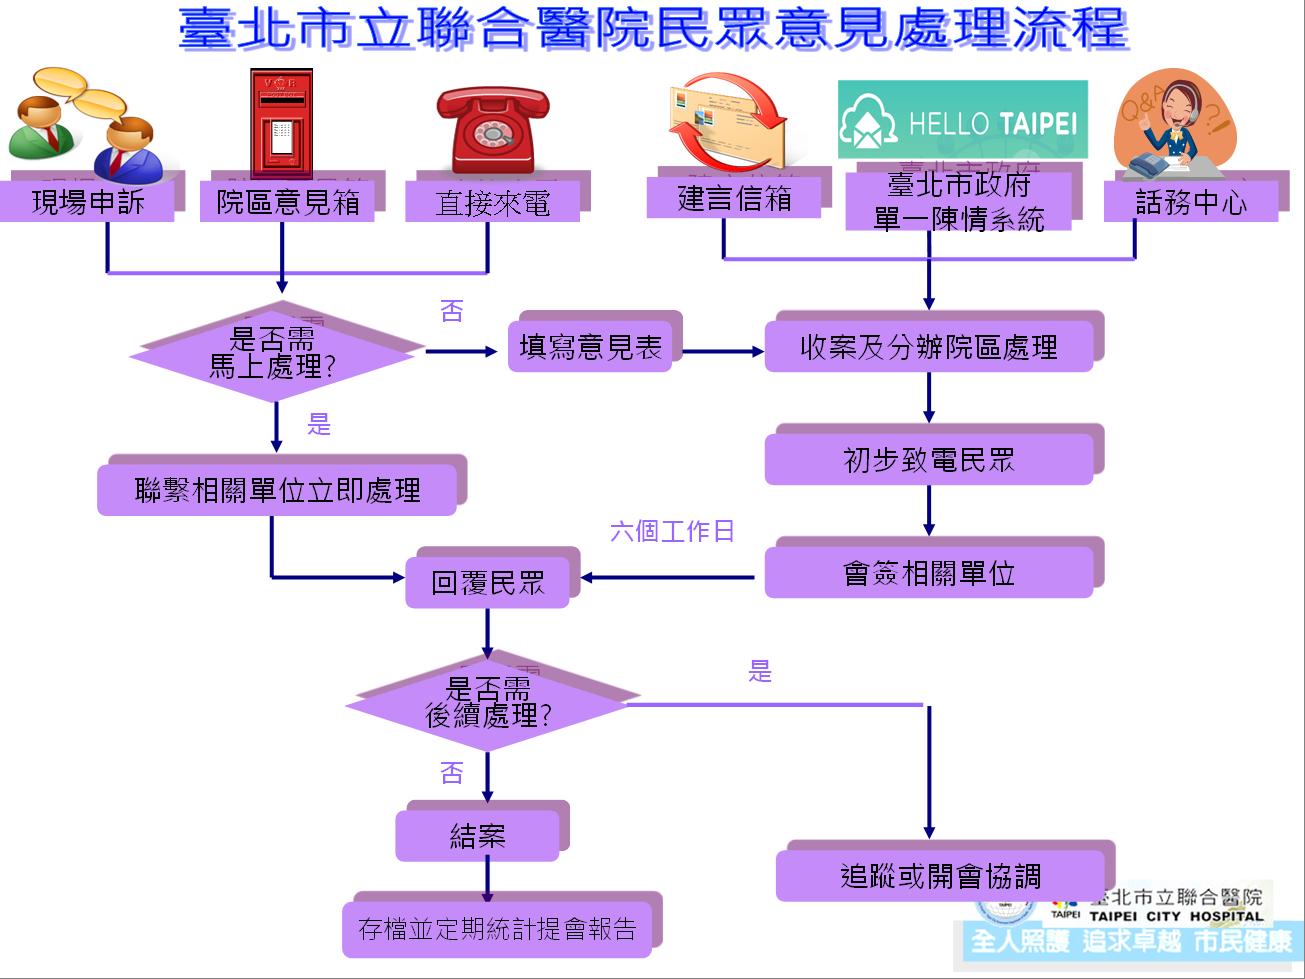 外網陳情流程圖更新(20121120)